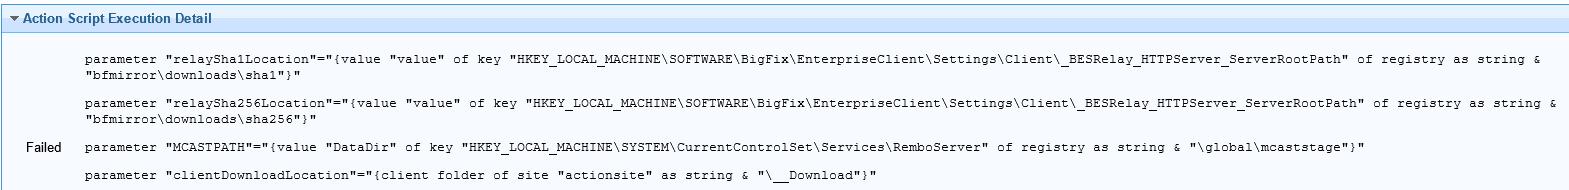 Script Execution Error